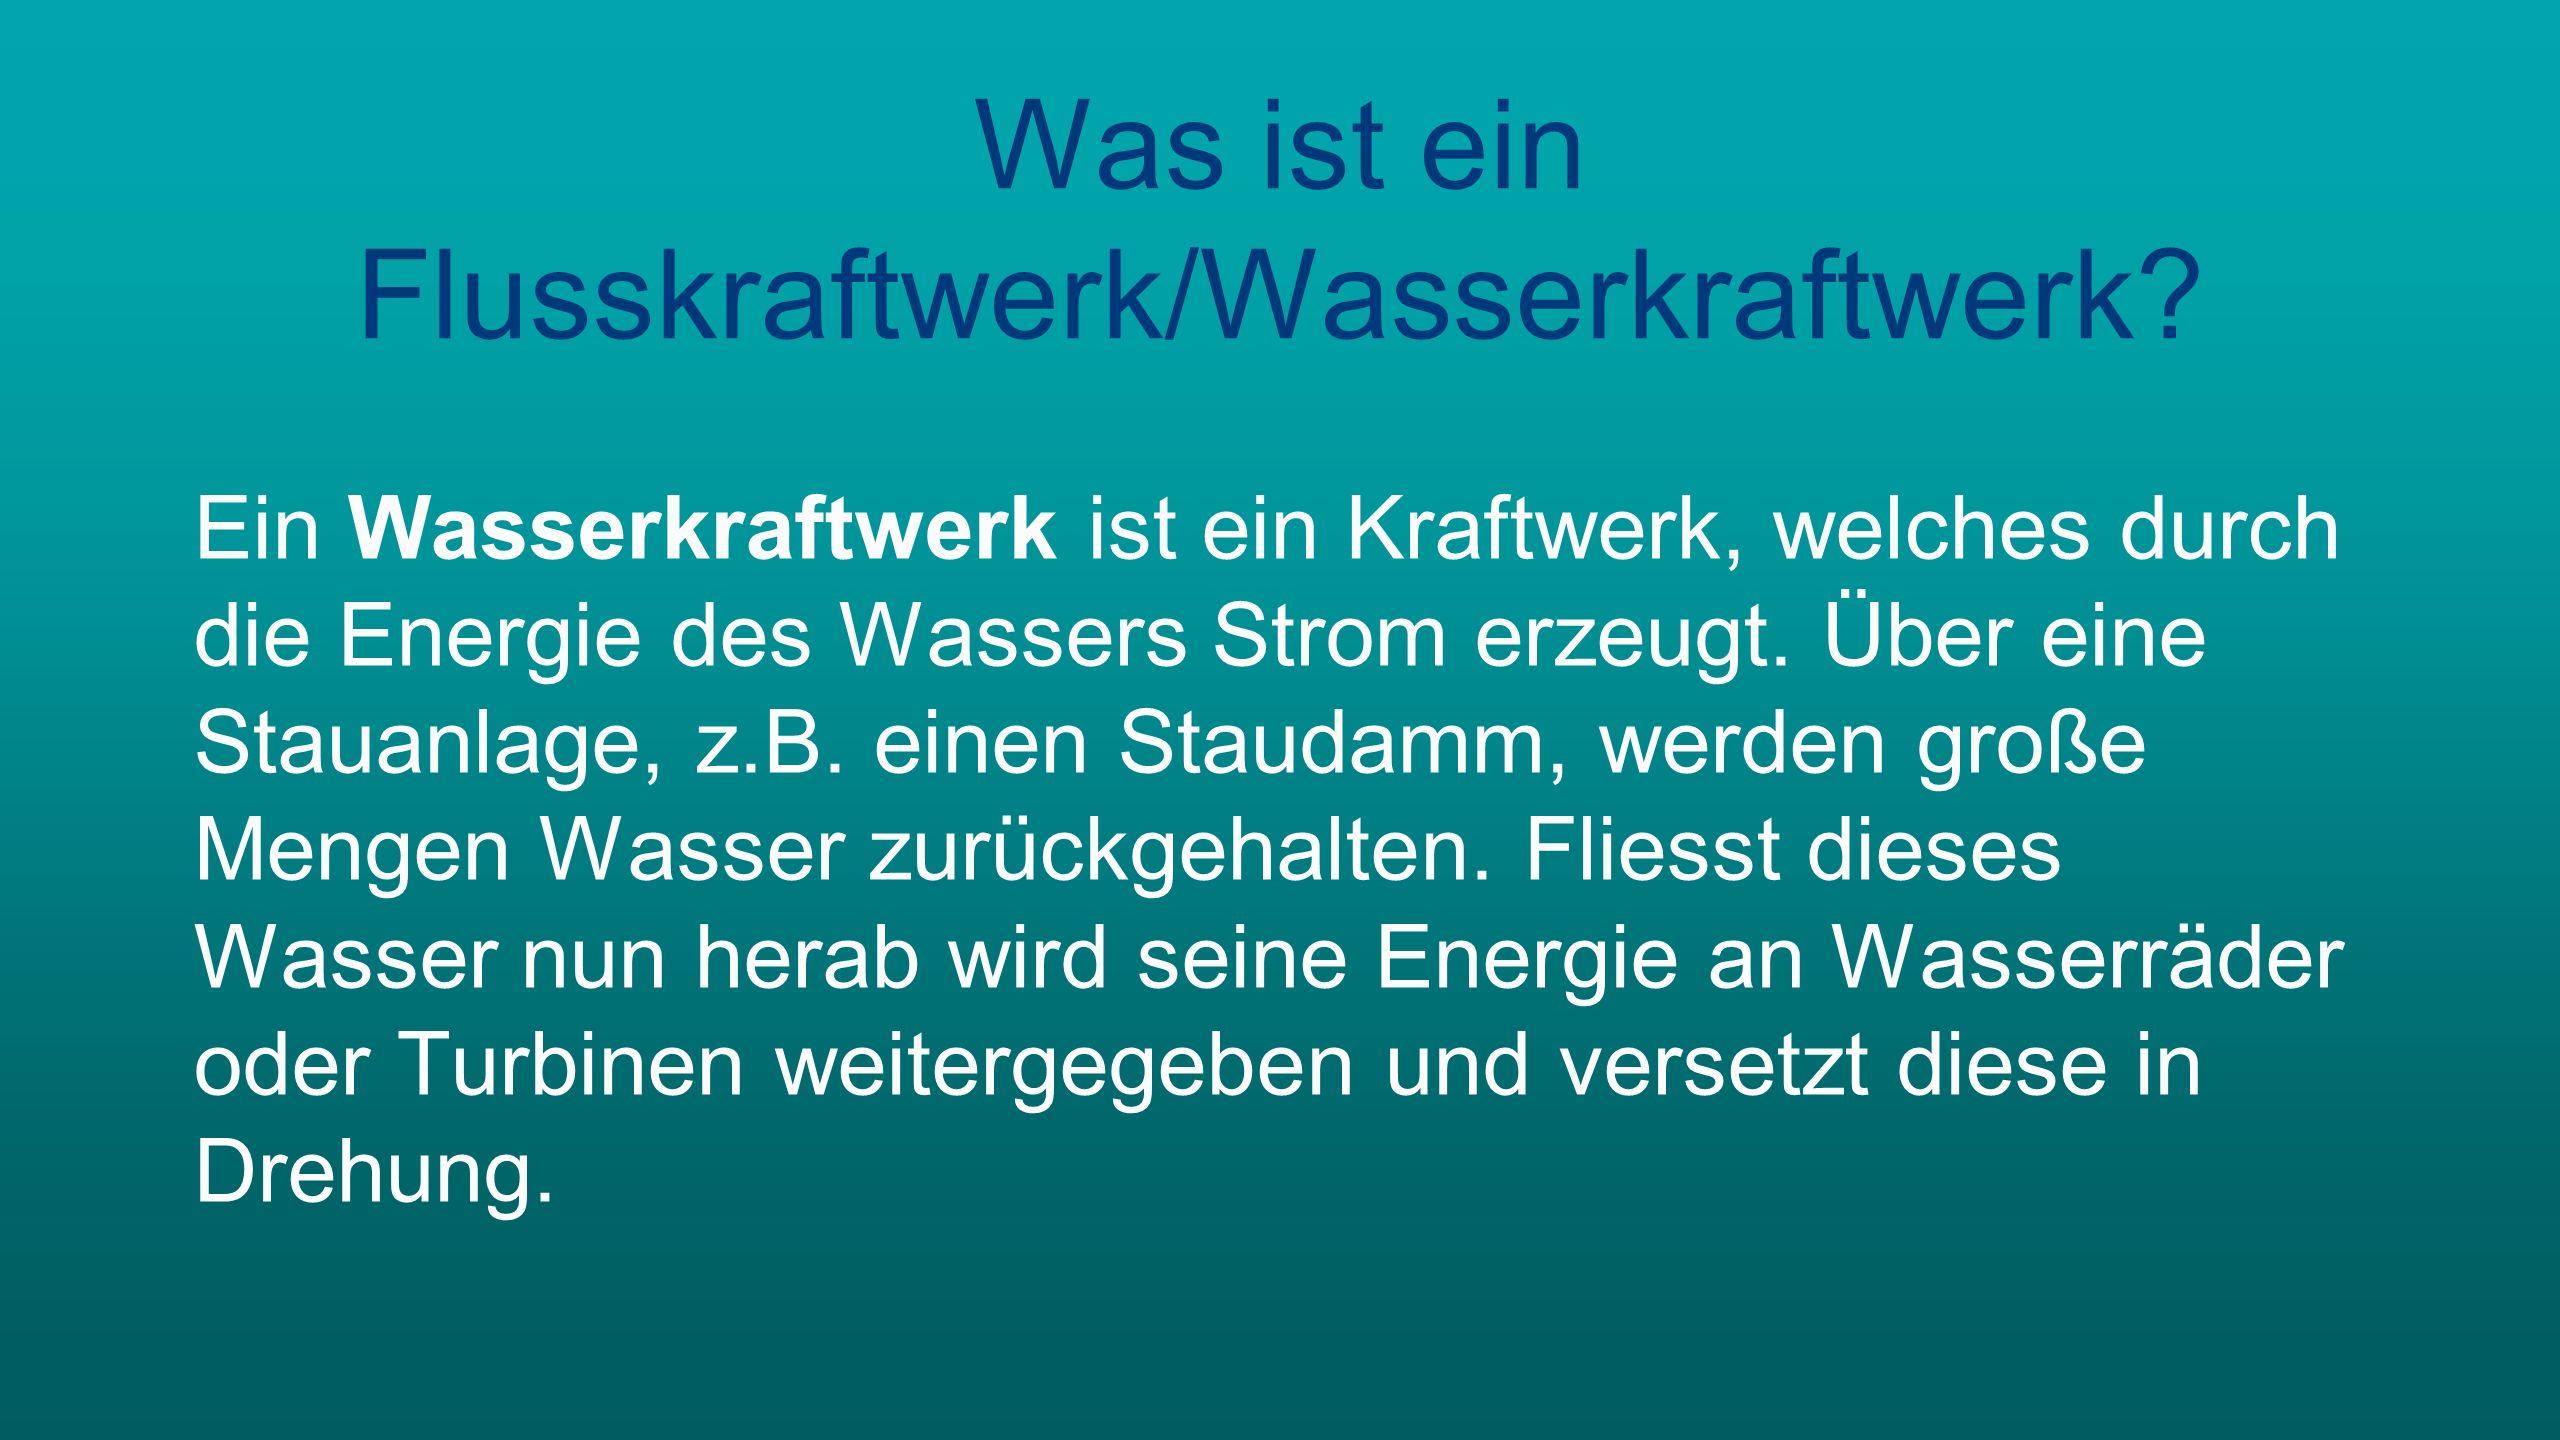 Was ist ein Flusskraftwerk/Wasserkraftwerk